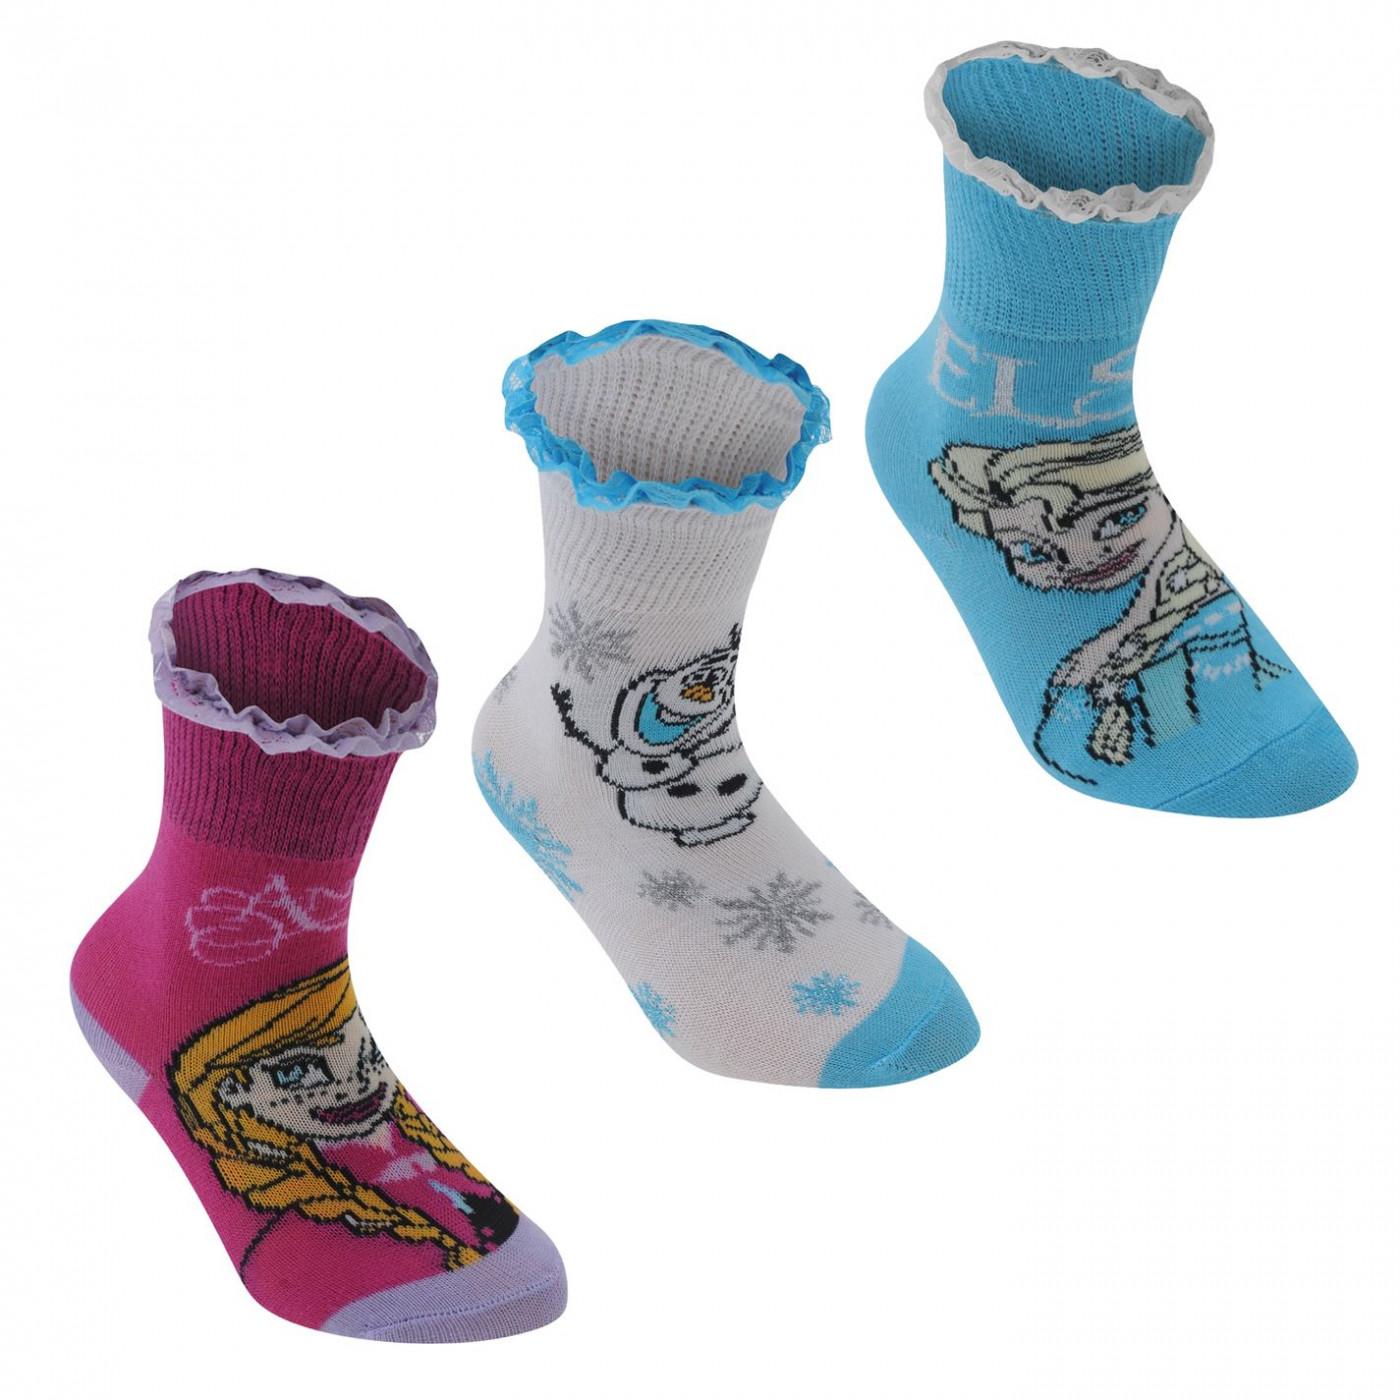 Disney 3 Pack Crew Socks Infants